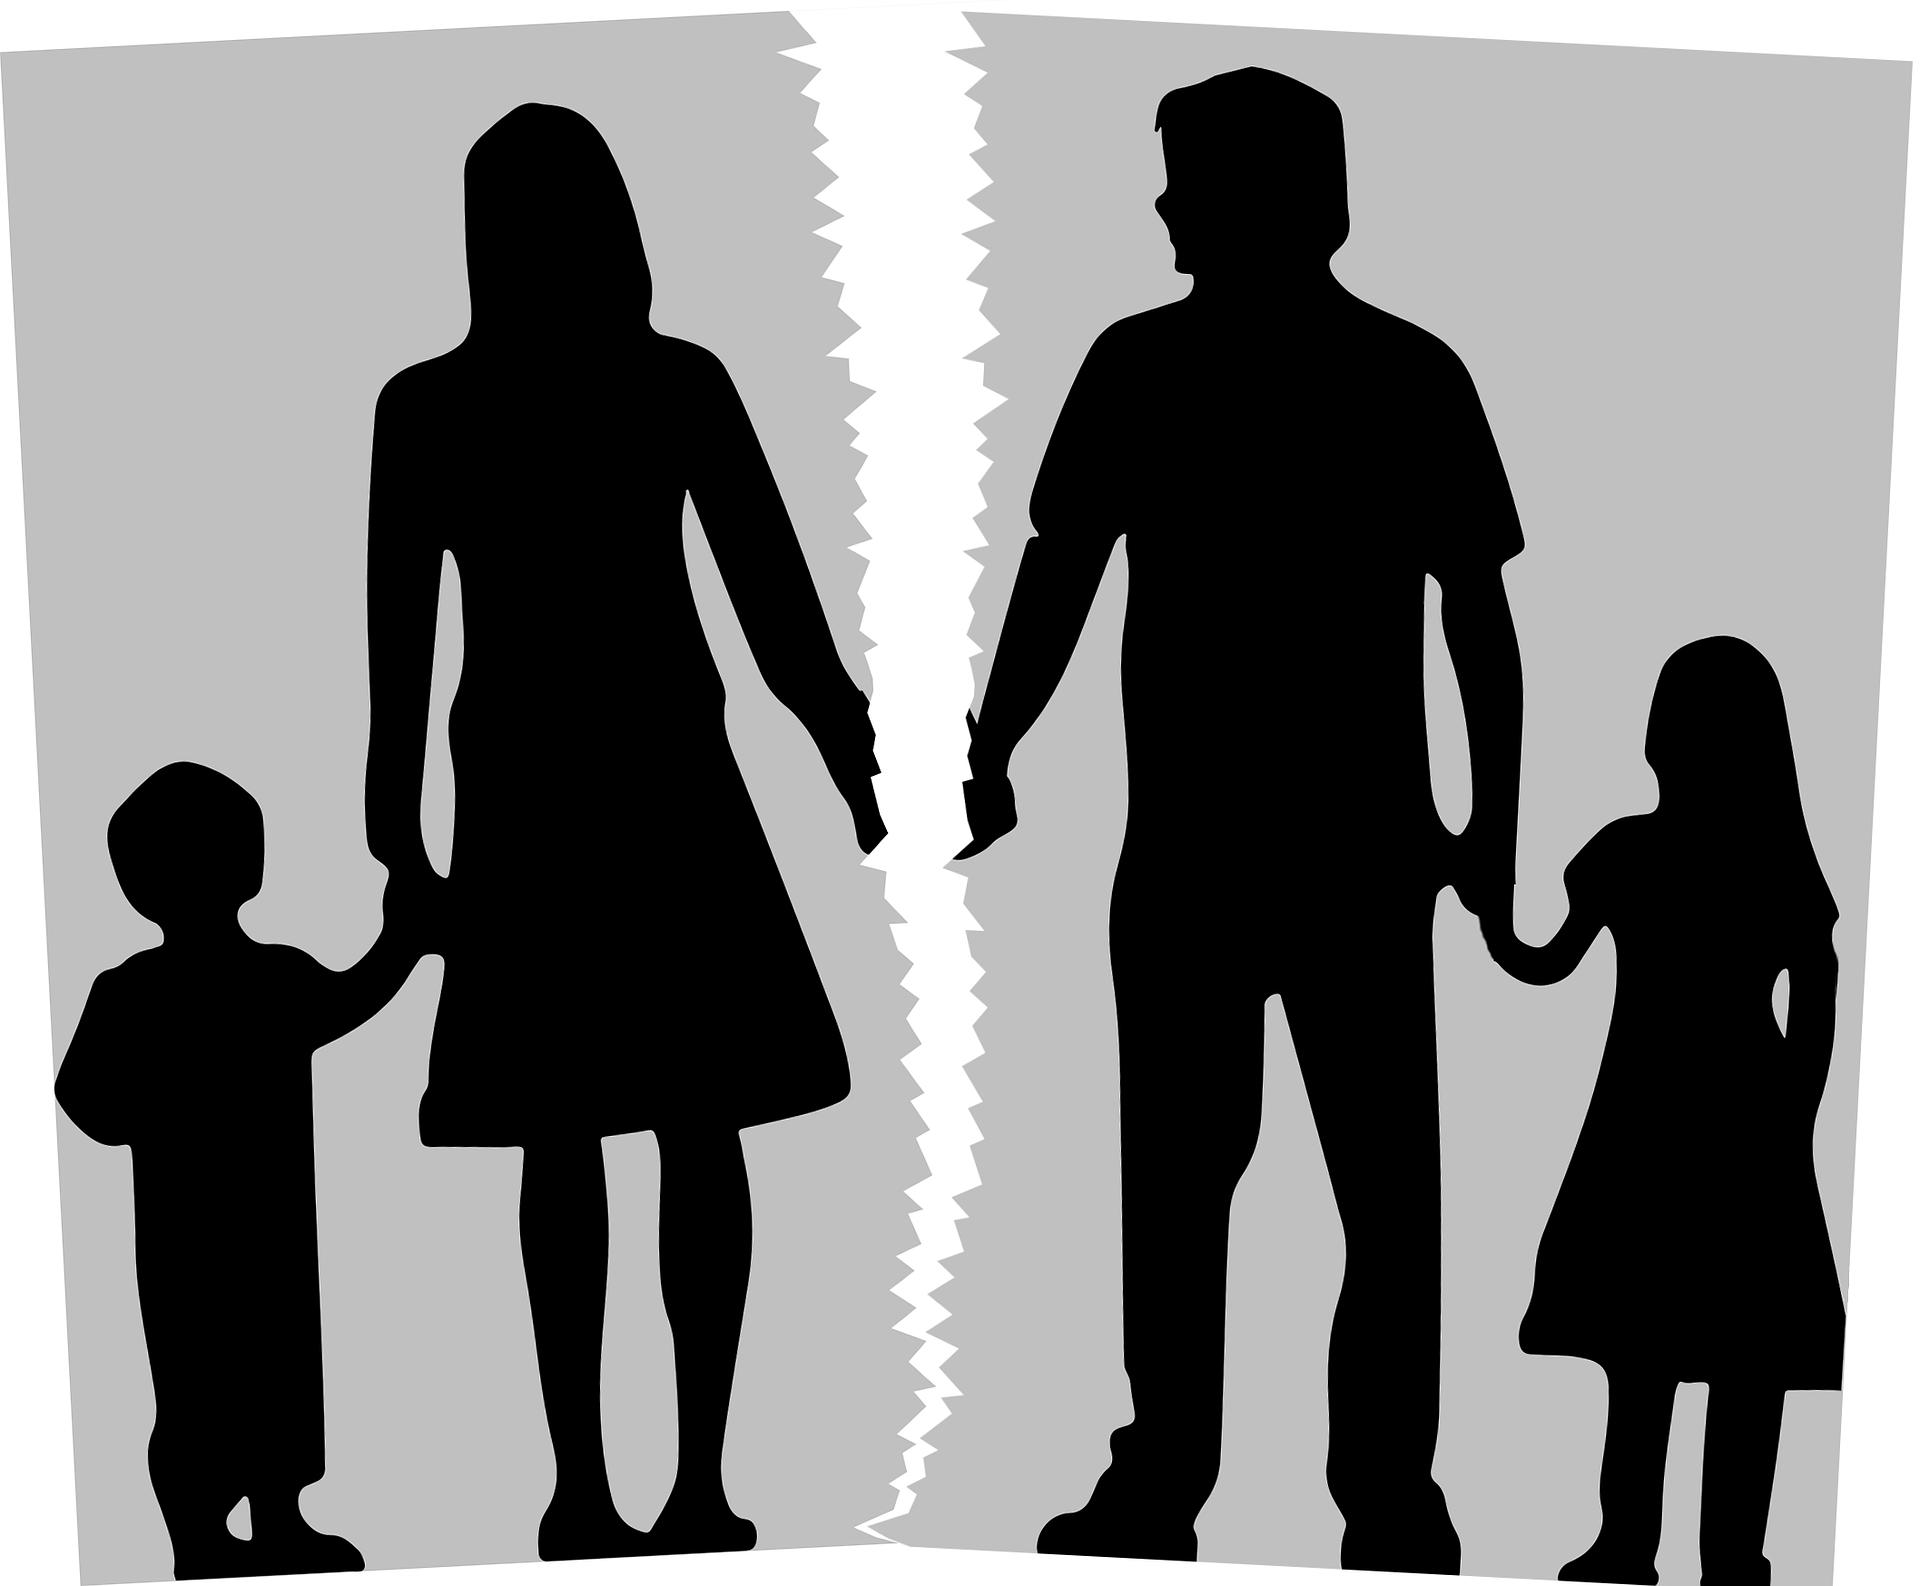 264773-ظاهرة-الطلاق-في-الخليج-بين-التهوين-والتهويل2